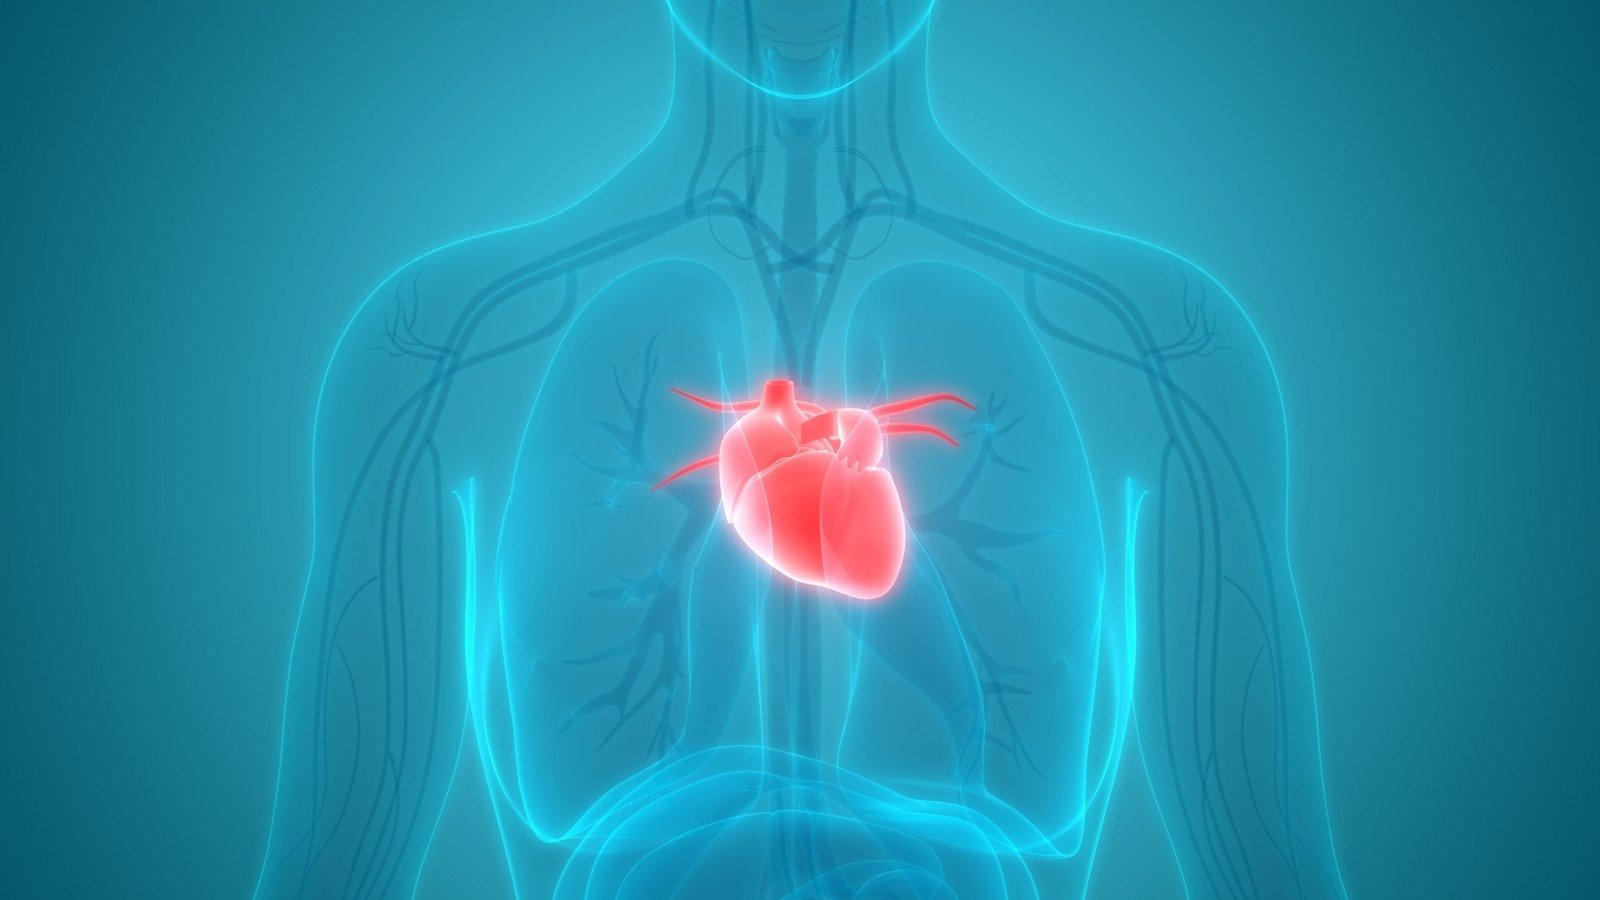 maisto papildai gydant hipertenziją hipertenzijos masažo paveikslėliai